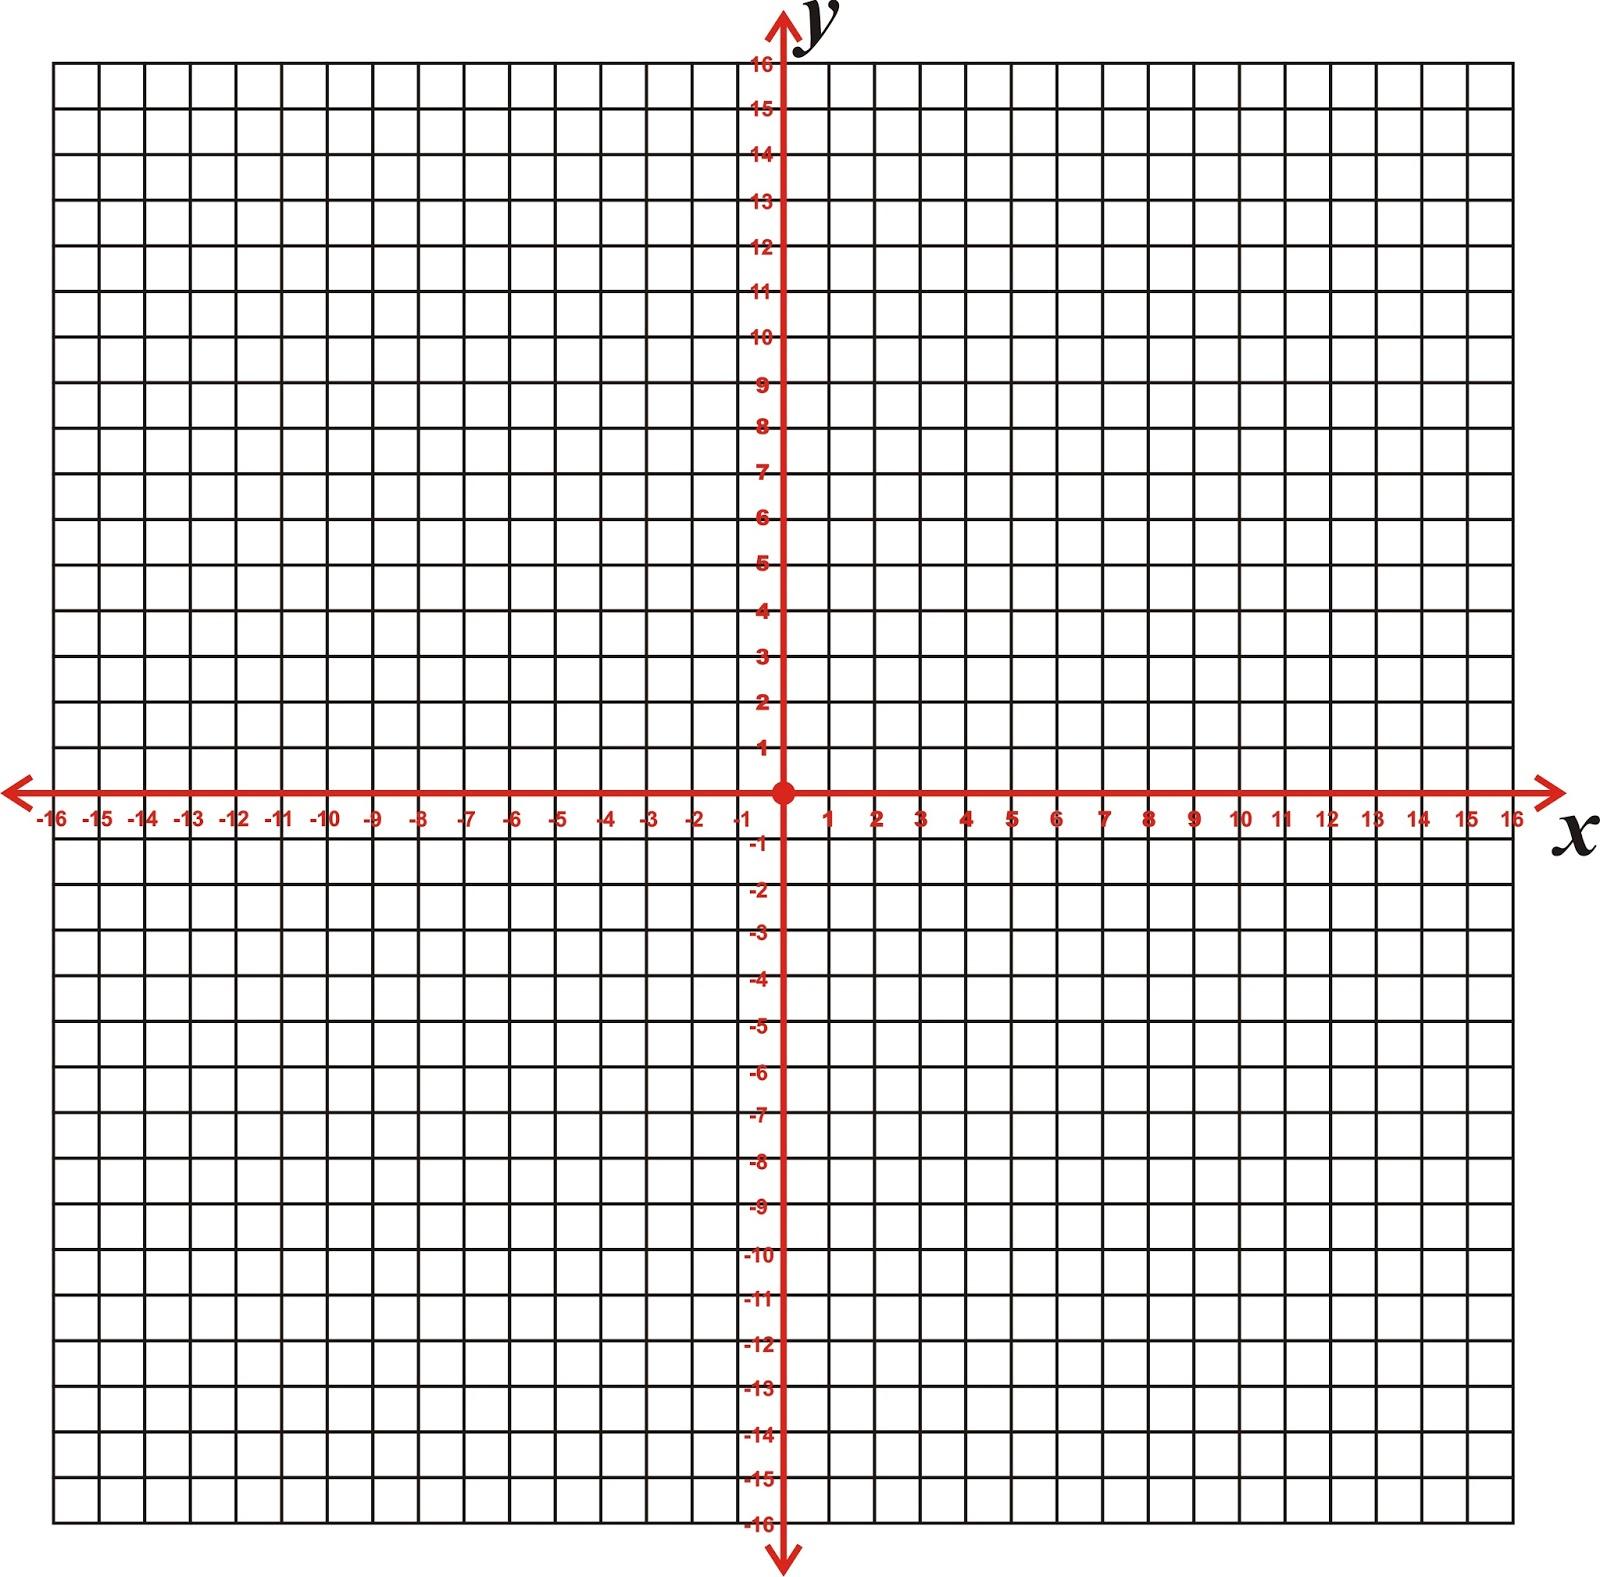 Diagram cartesius jeliweb diagram kartesius untuk memudahkan menggambar titik koordinat garis yang mendatar atau disebut juga garis horizontal dikenal dengan sebutan sumbu x ccuart Image collections